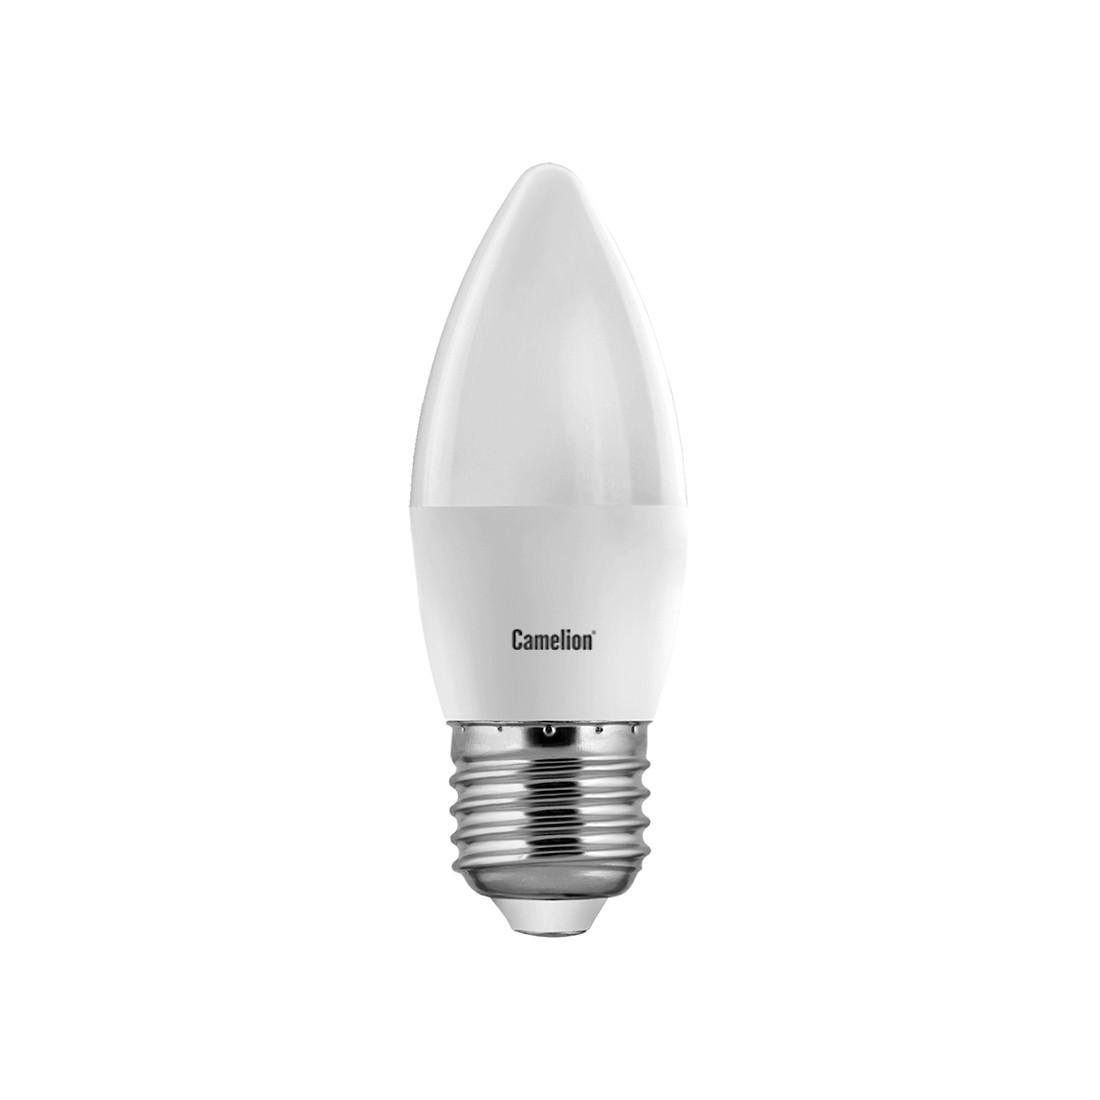 Эл. лампа светодиодная Camelion C35/3000К/E27/7Вт, Тёплый